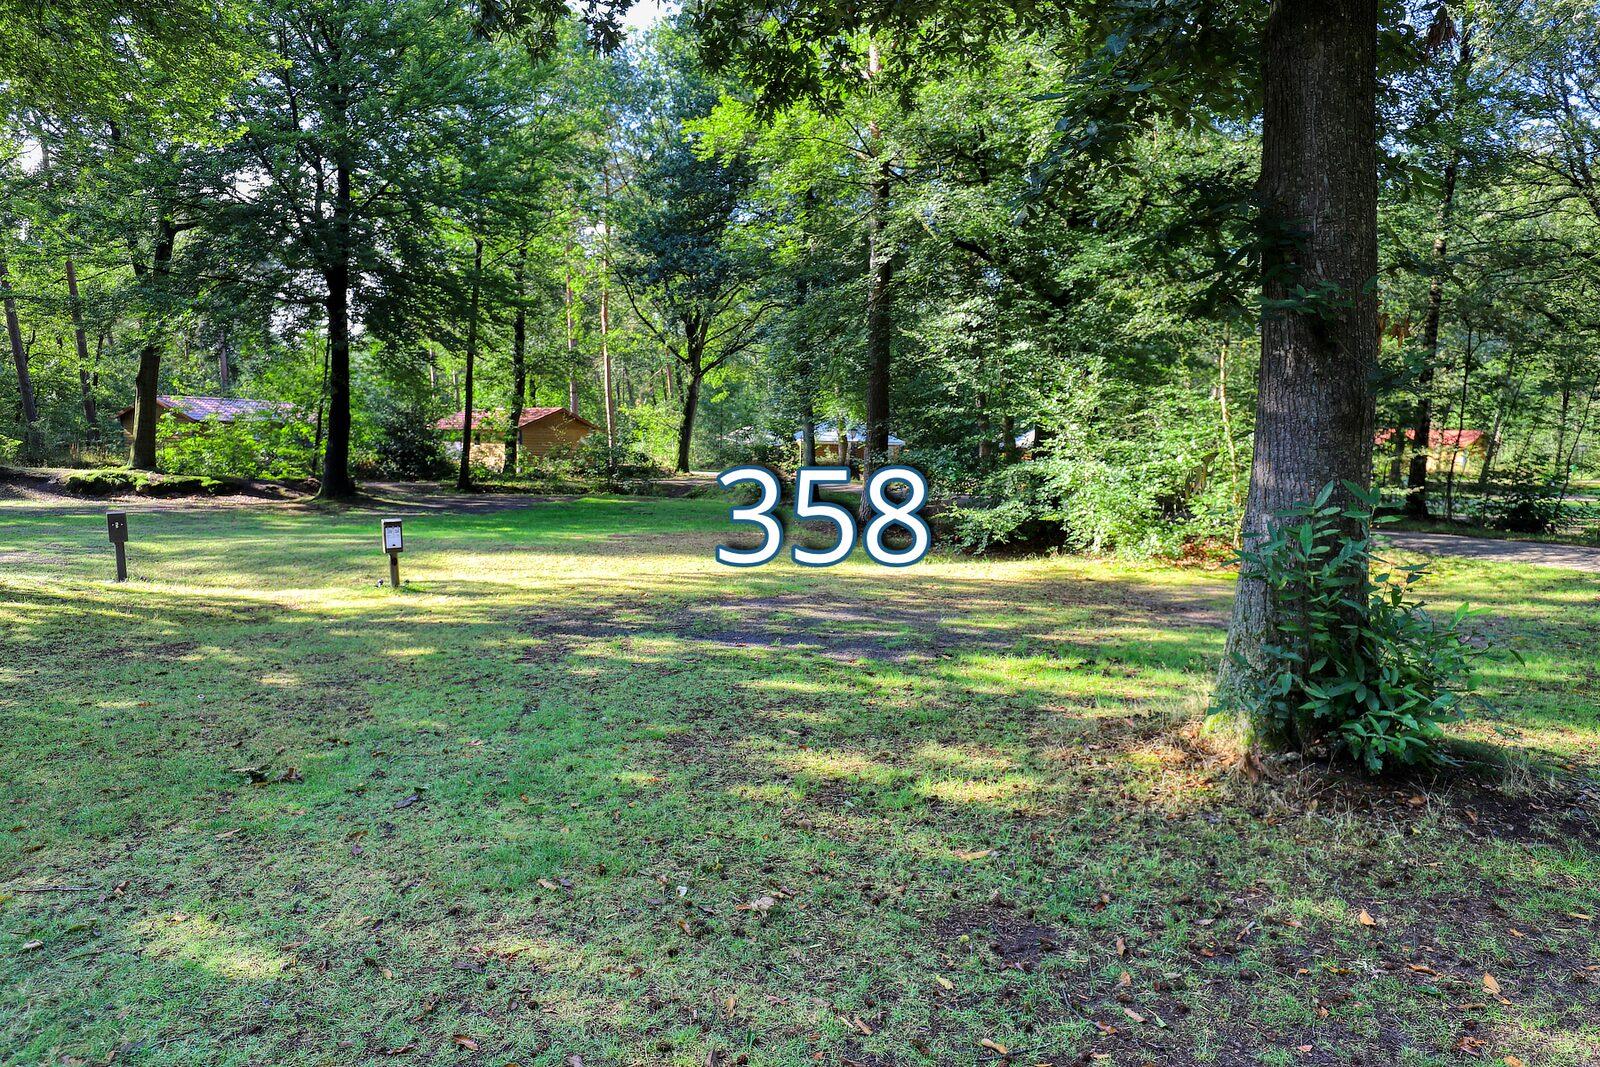 houtduif 358